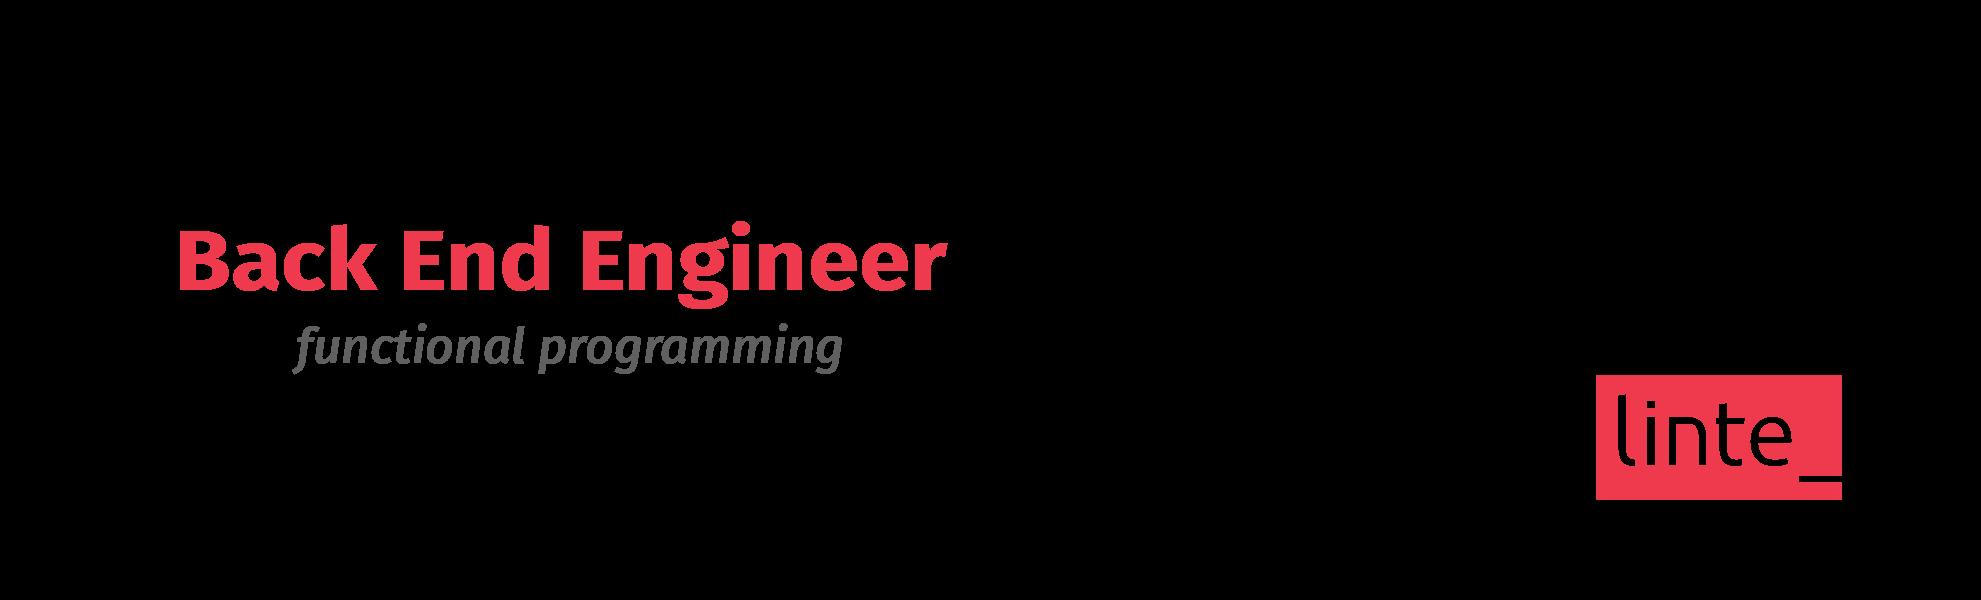 Back End Engineer